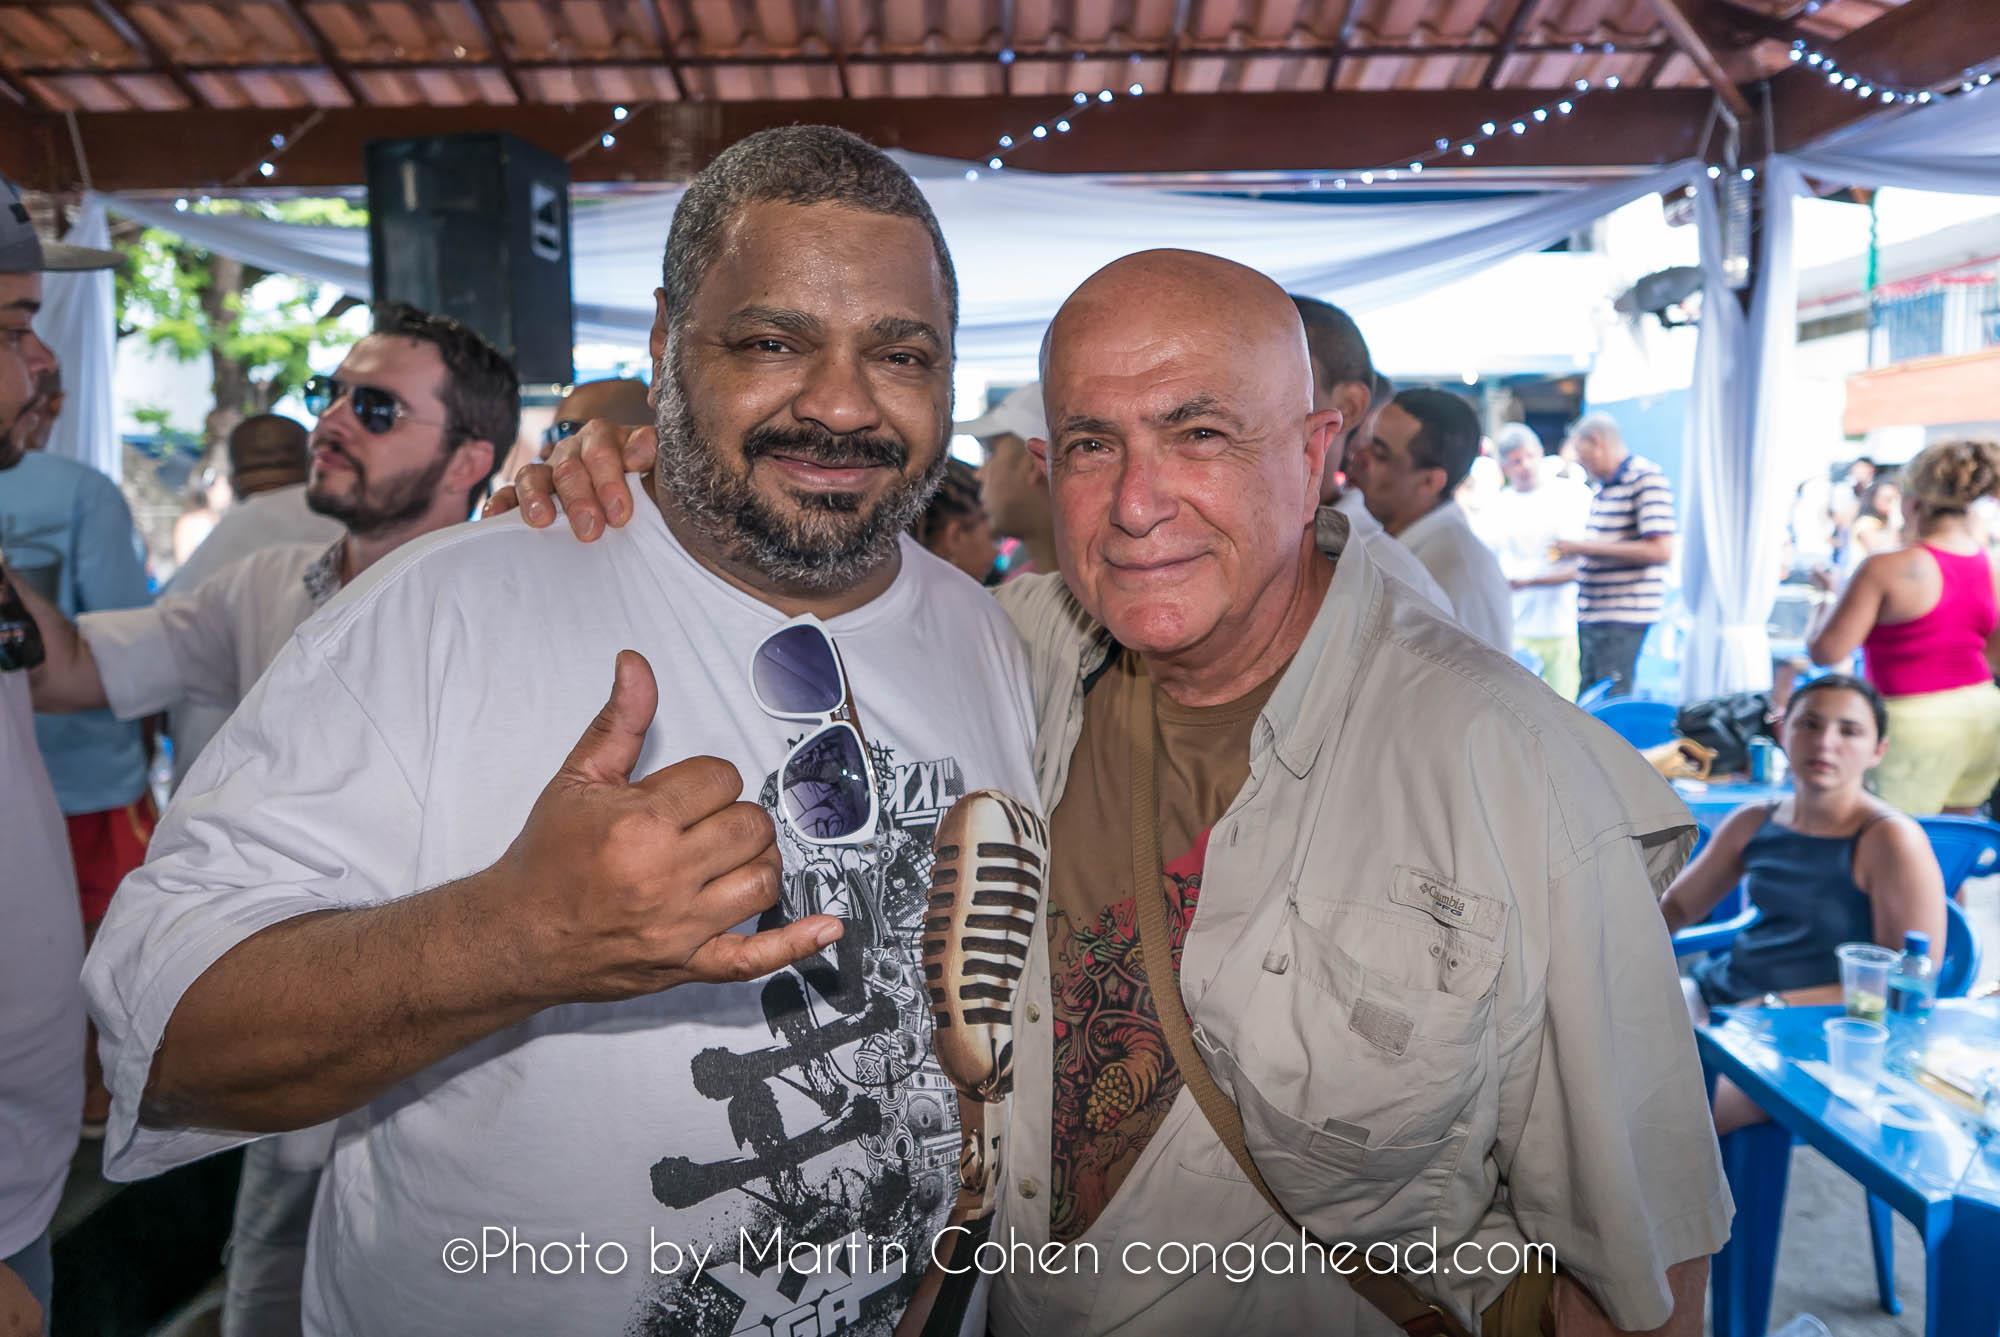 Arlindo Cruz and Martin Cohen